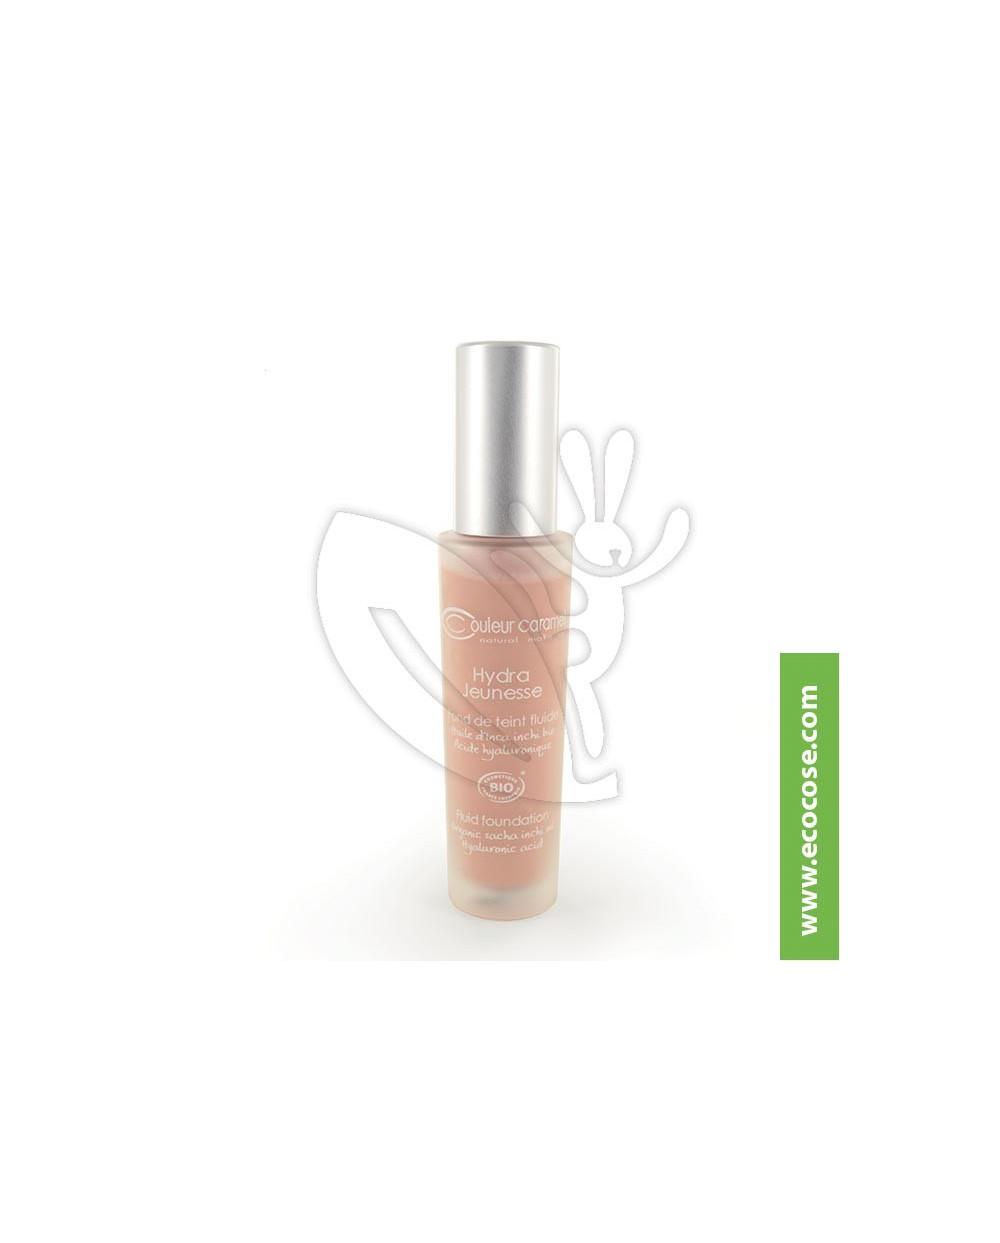 Couleur Caramel - Fondotinta Hydra Jeunesse - Blonde Cendré 25